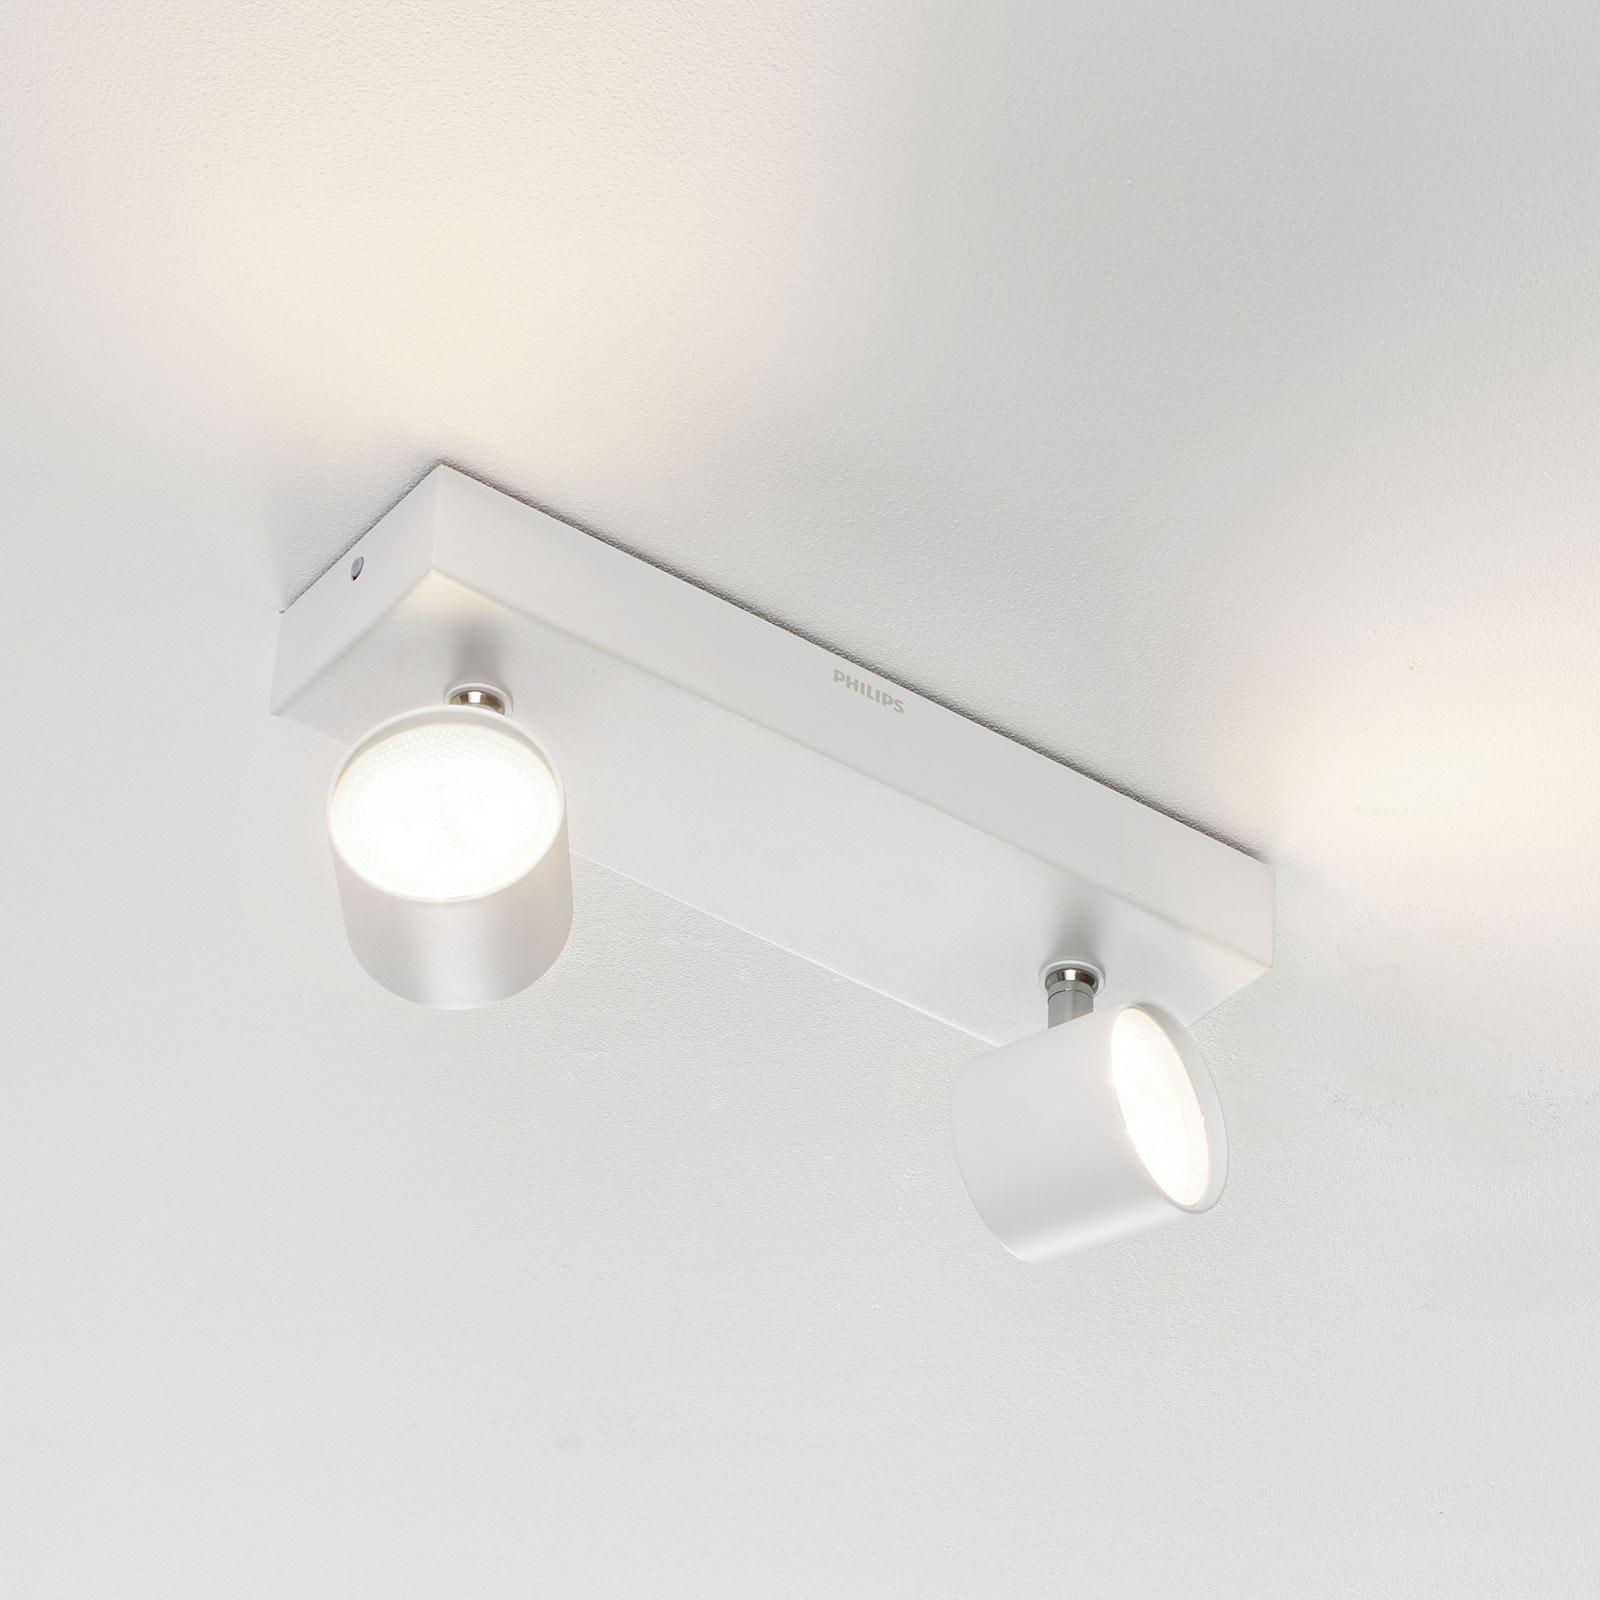 Star - doppio spot LED Warmglow, bianco